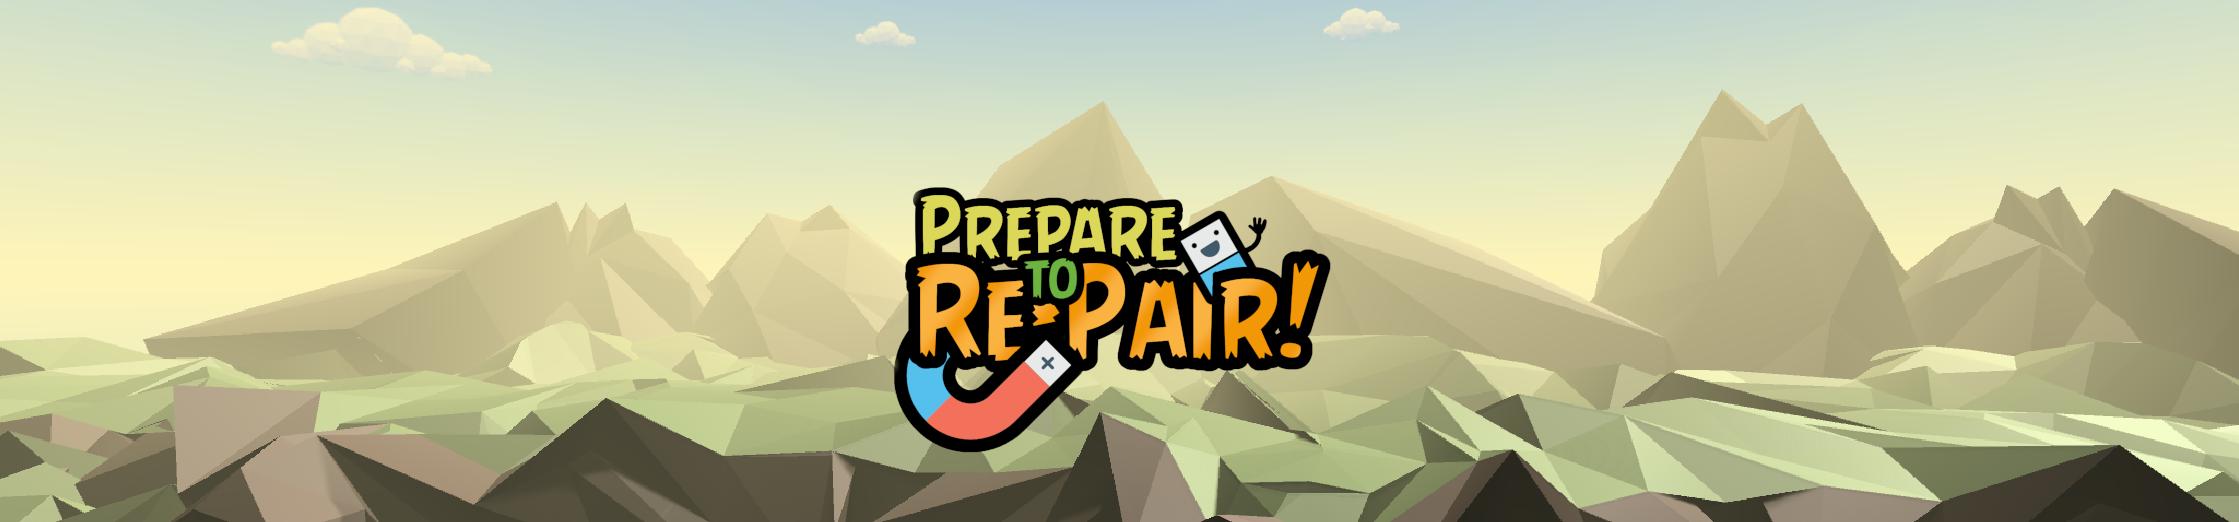 Prepare to Re-Pair